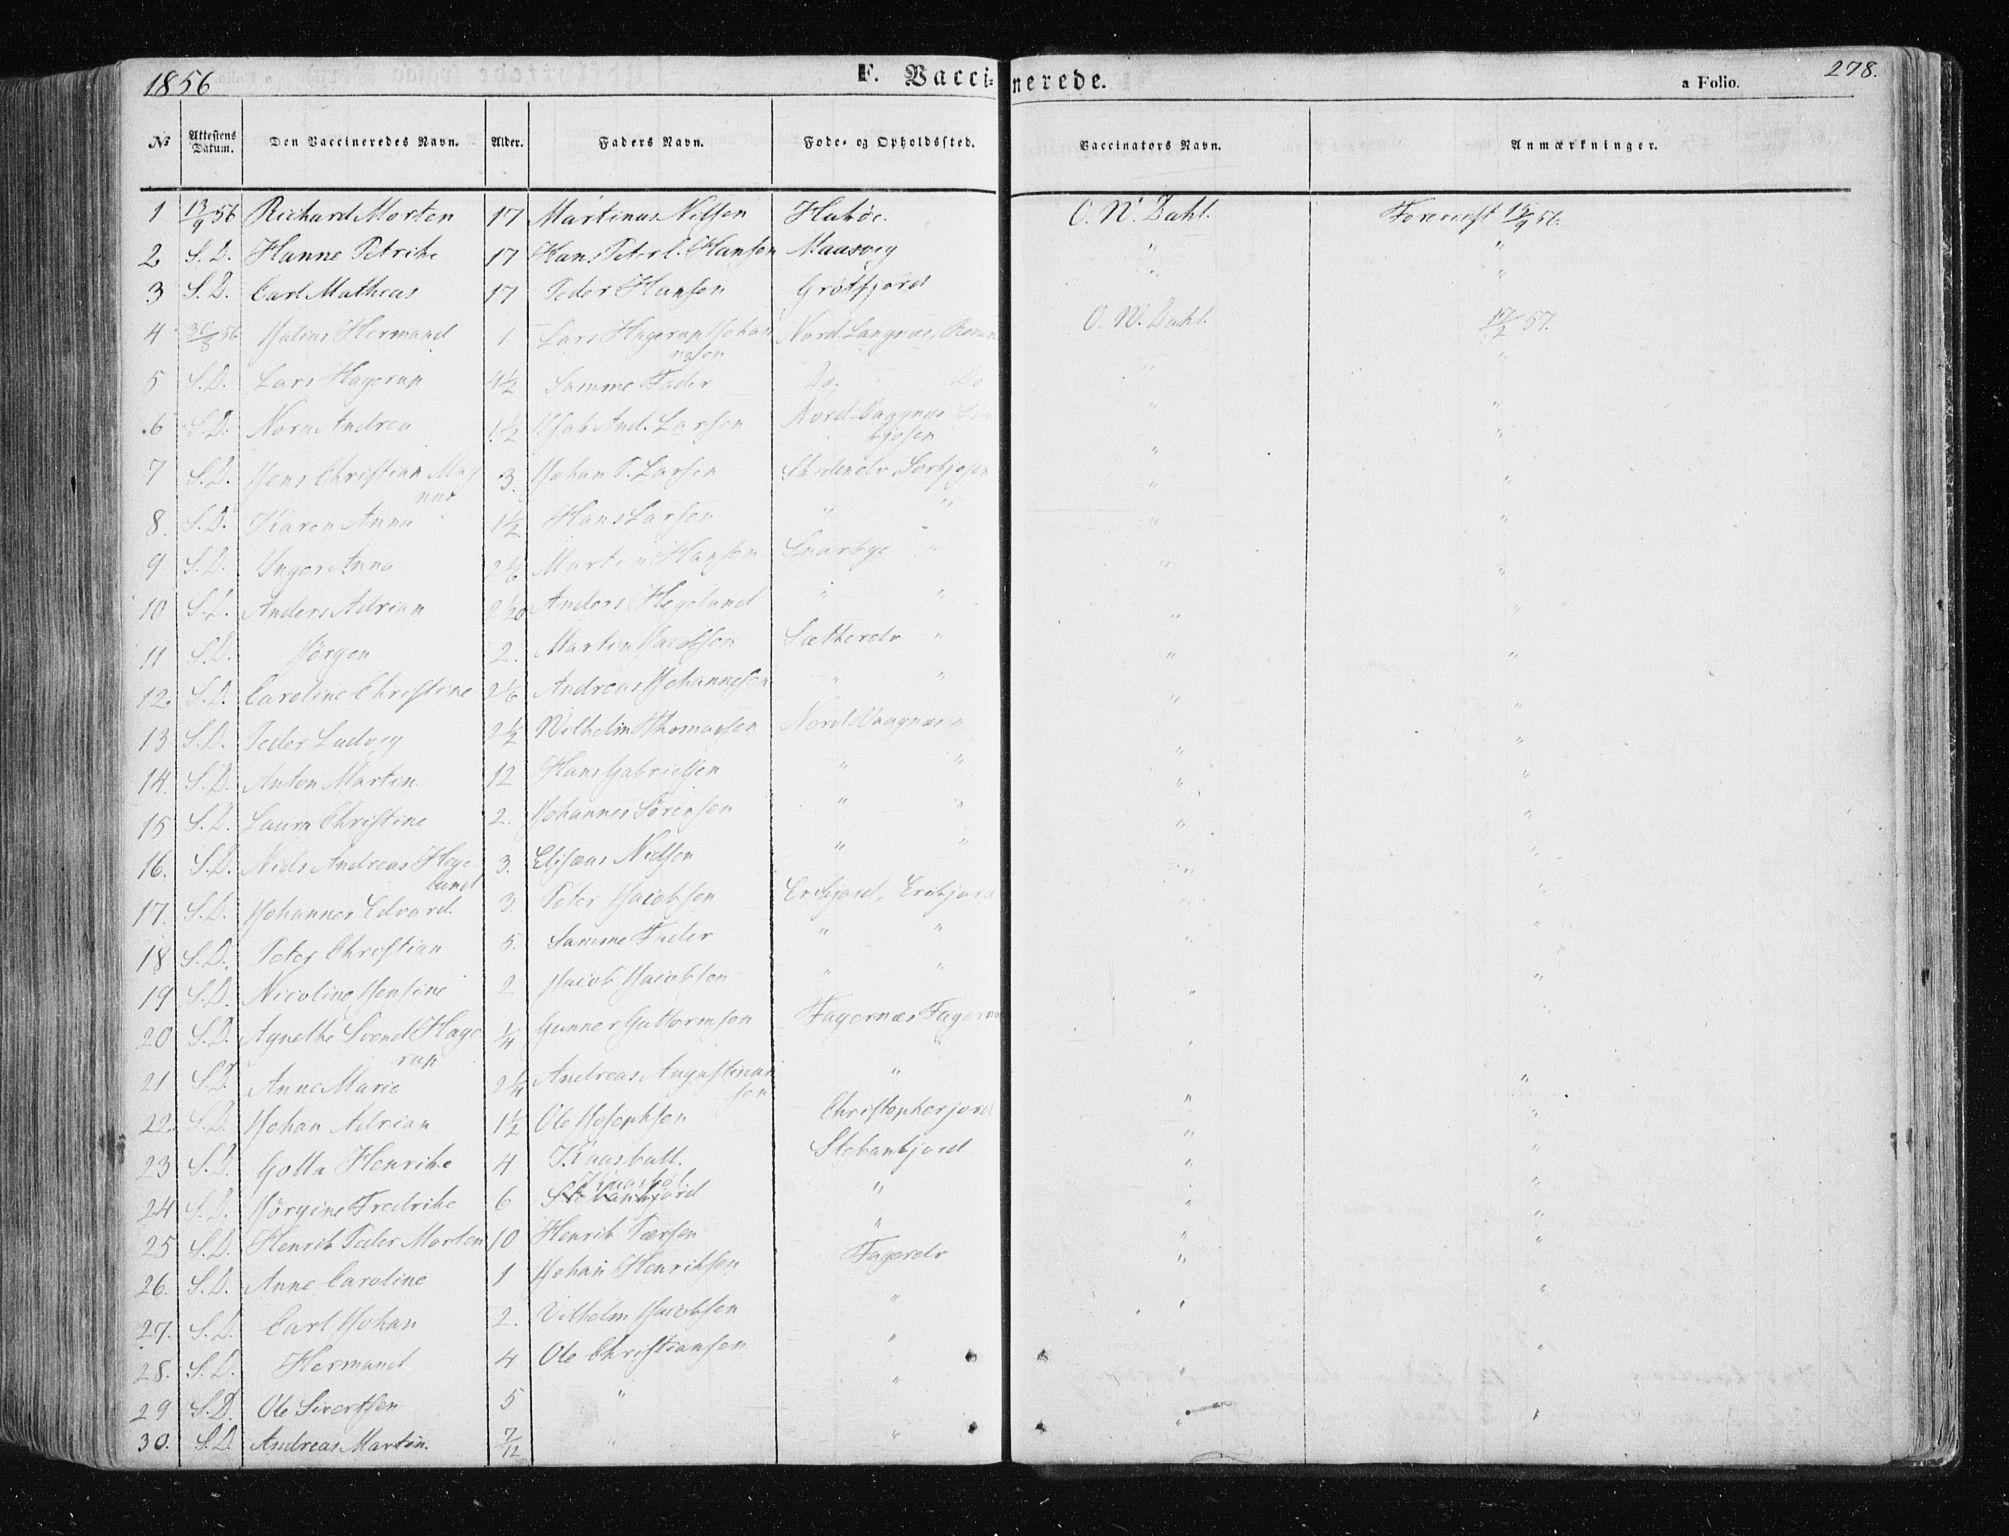 SATØ, Tromsøysund sokneprestkontor, G/Ga/L0001kirke: Ministerialbok nr. 1, 1856-1867, s. 278